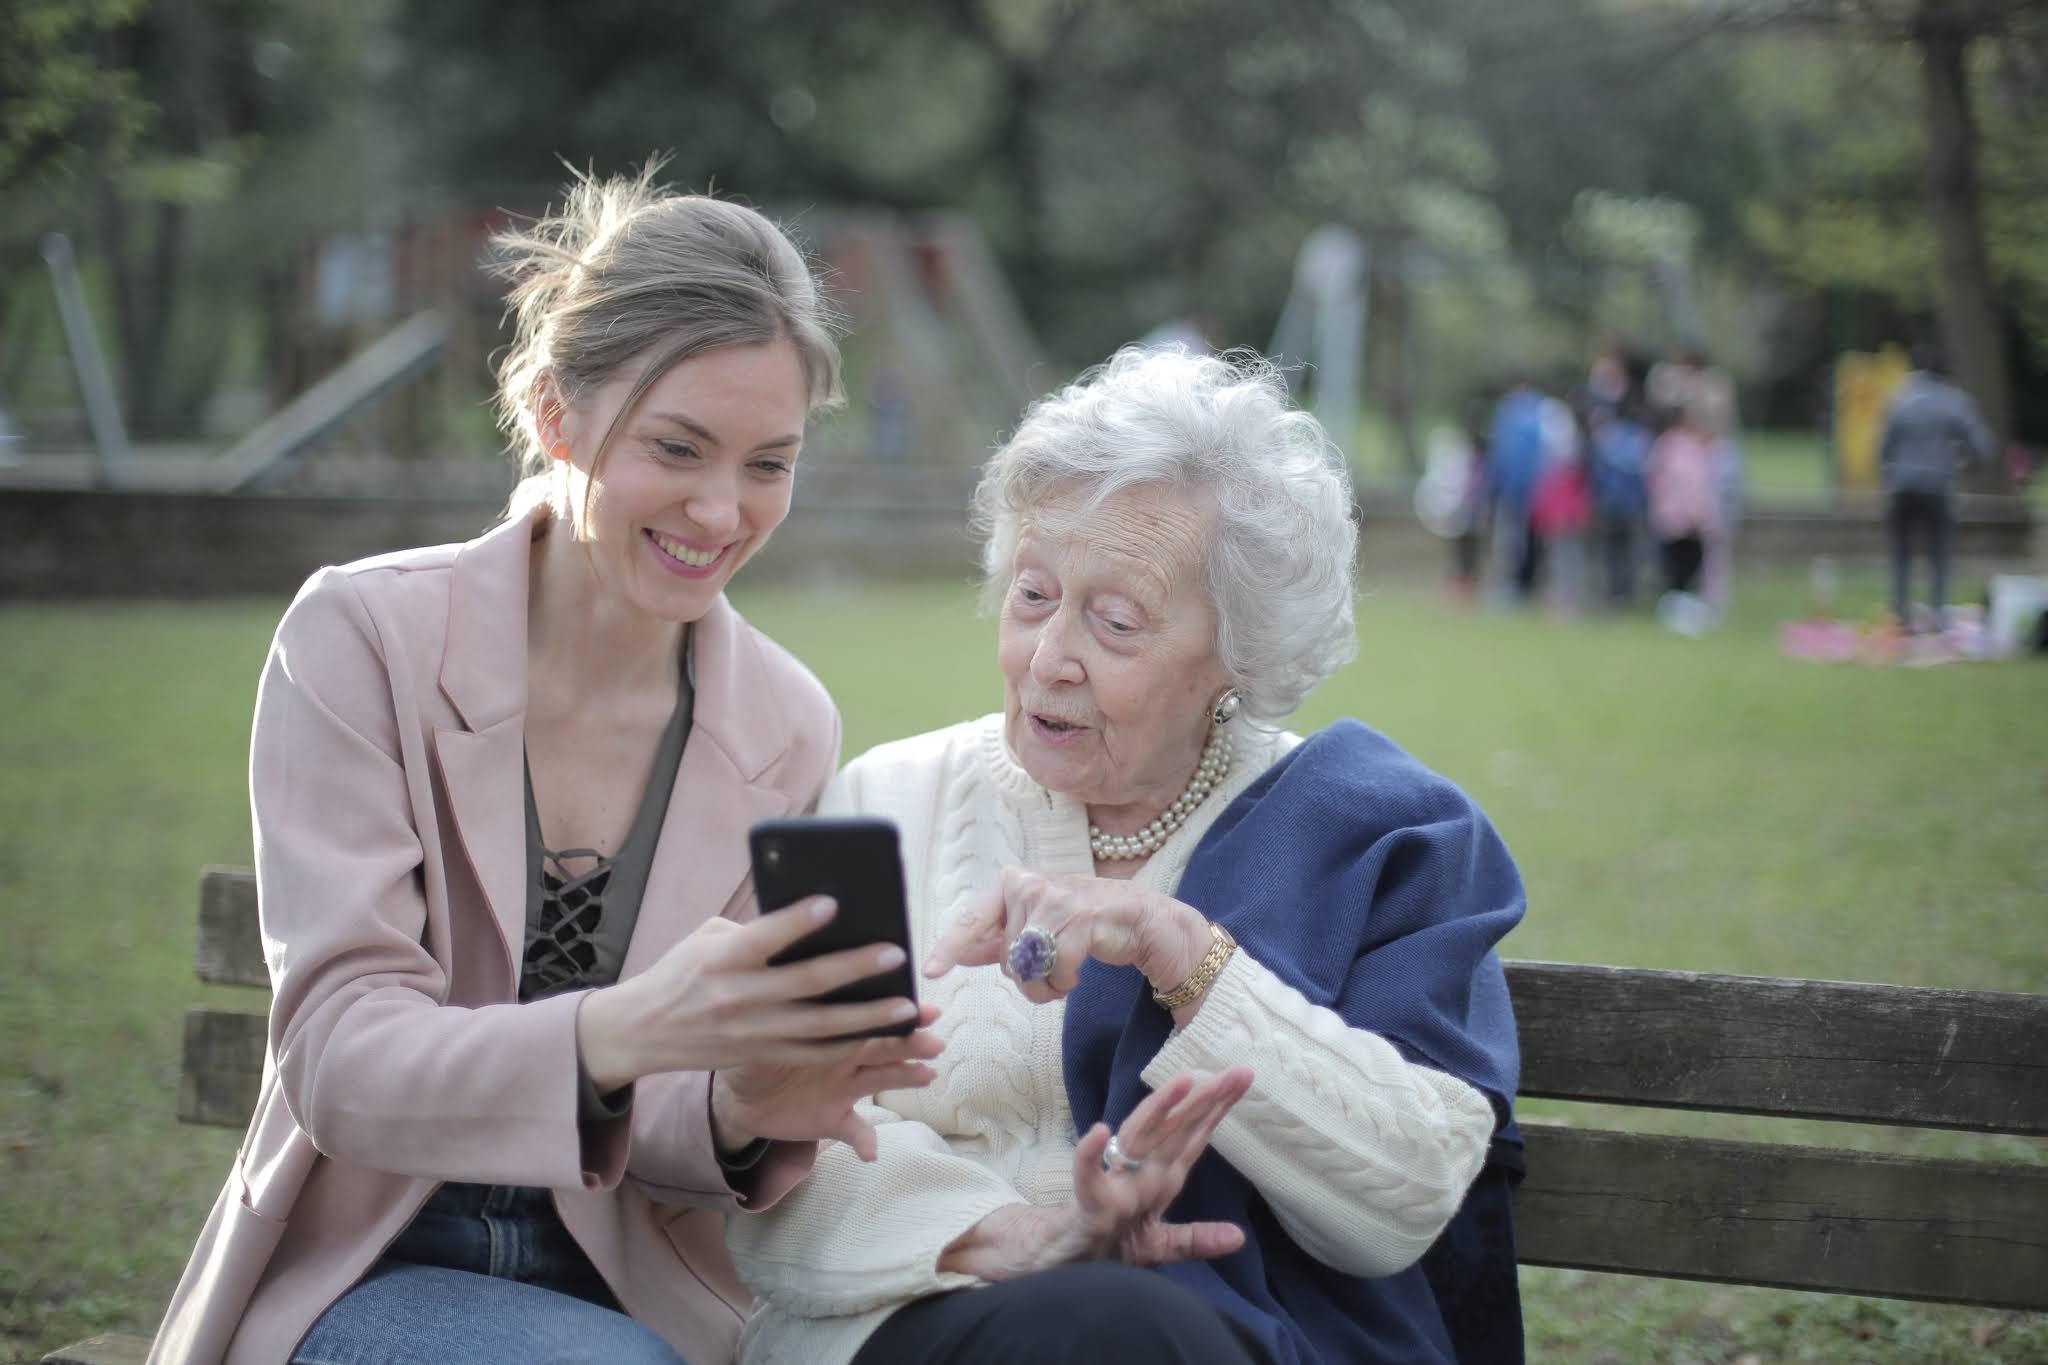 Neta mostrando o celular para sua avó